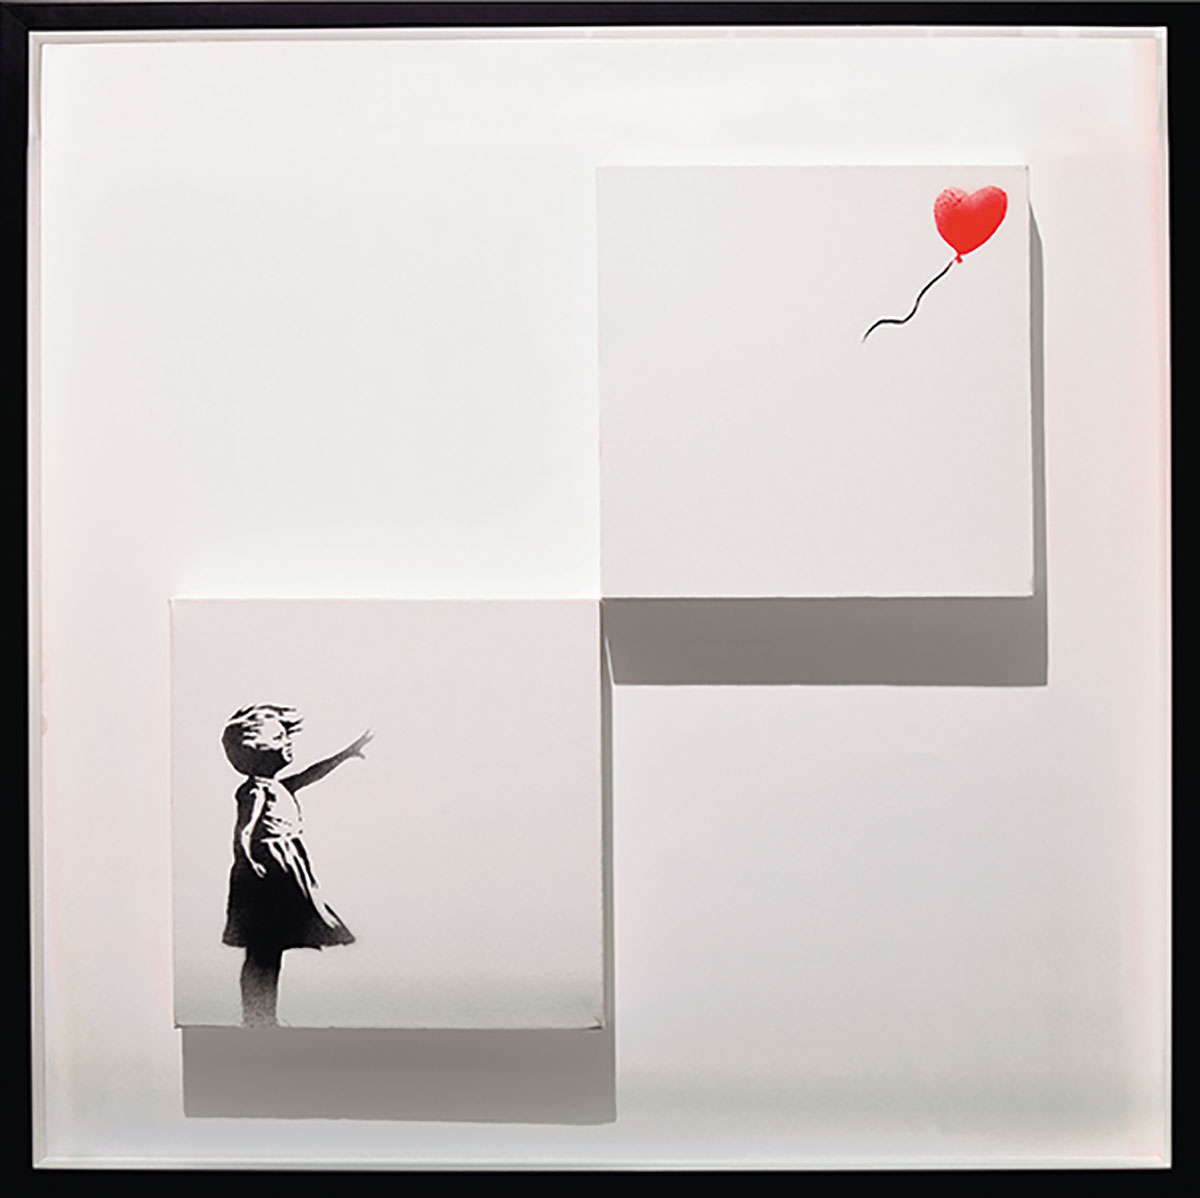 2002年にロンドンの路上で描かれて以降、世界各地で様々なバージョンで描かれているバンクシーの代表作。2018年、オークション「サザビーズ」で落札された直後に、額縁に仕込まれたシュレッダーが作動し、細切れにされてしまった作品もこの絵がモチーフ。バンクシー《風船と少女》 Girlwith Balloon(Diptych)2006年 個人蔵